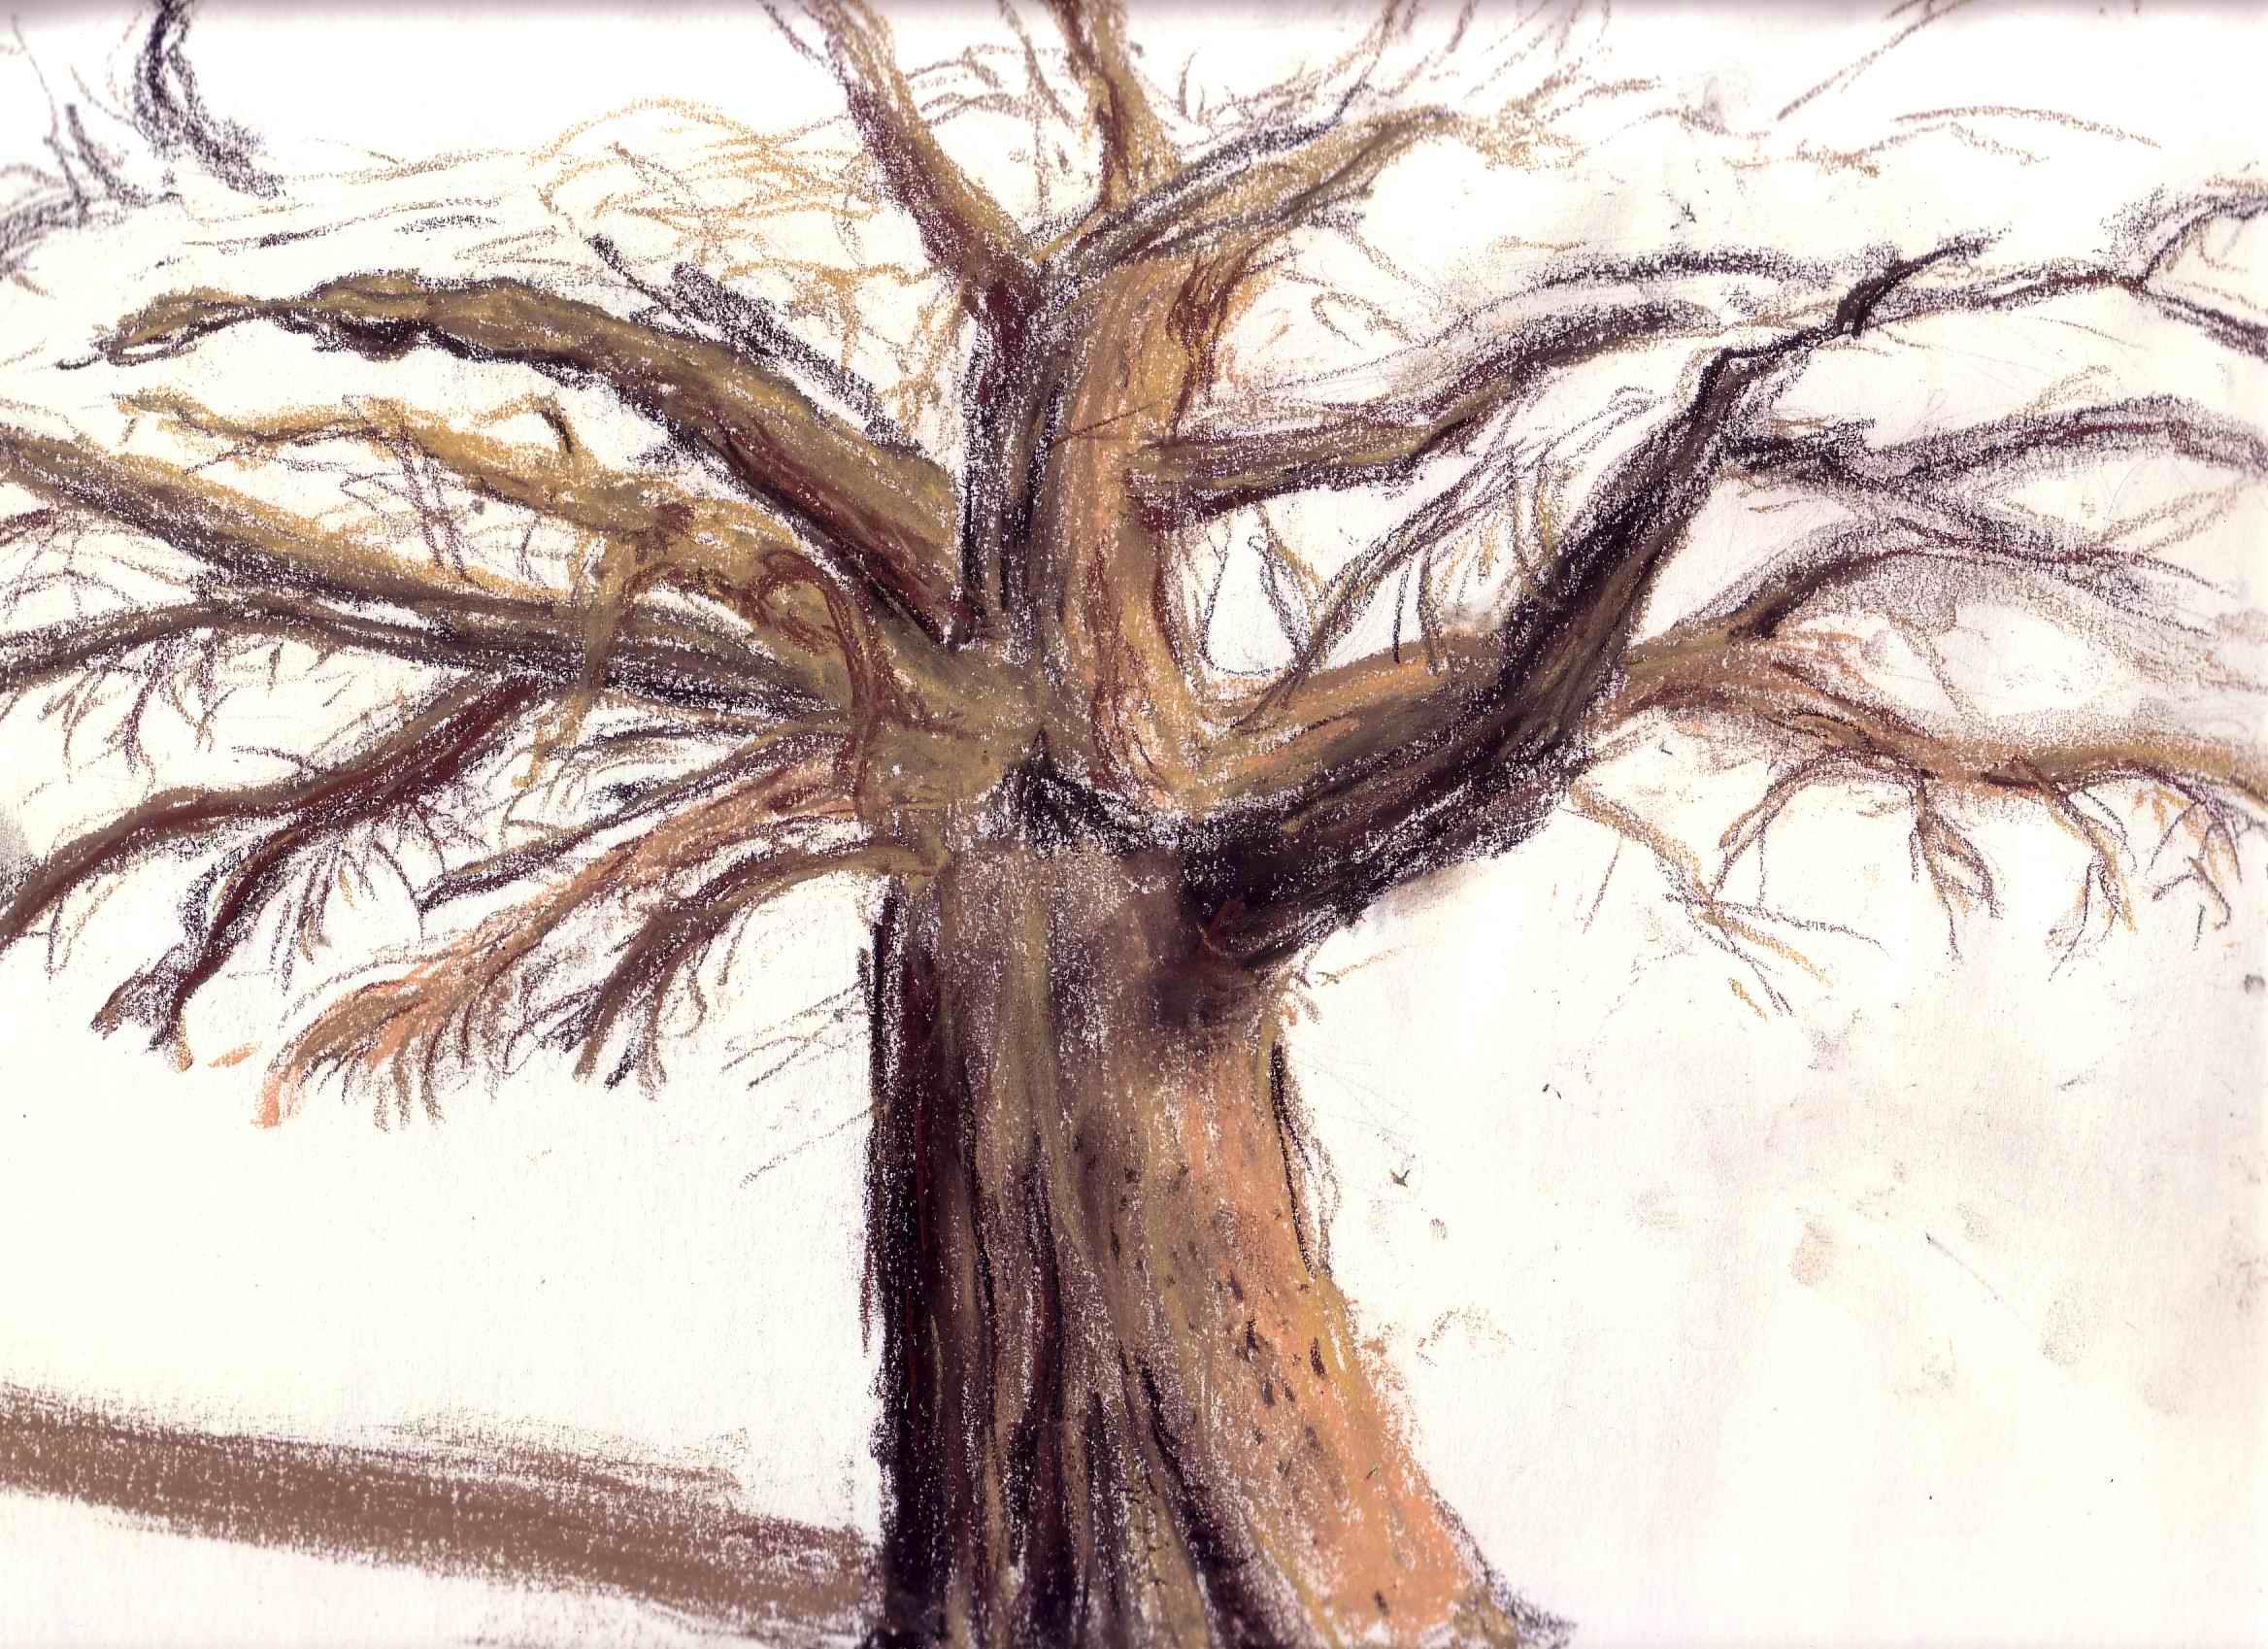 Au taf at l 39 ambre de chin - Dessin arbre nu ...